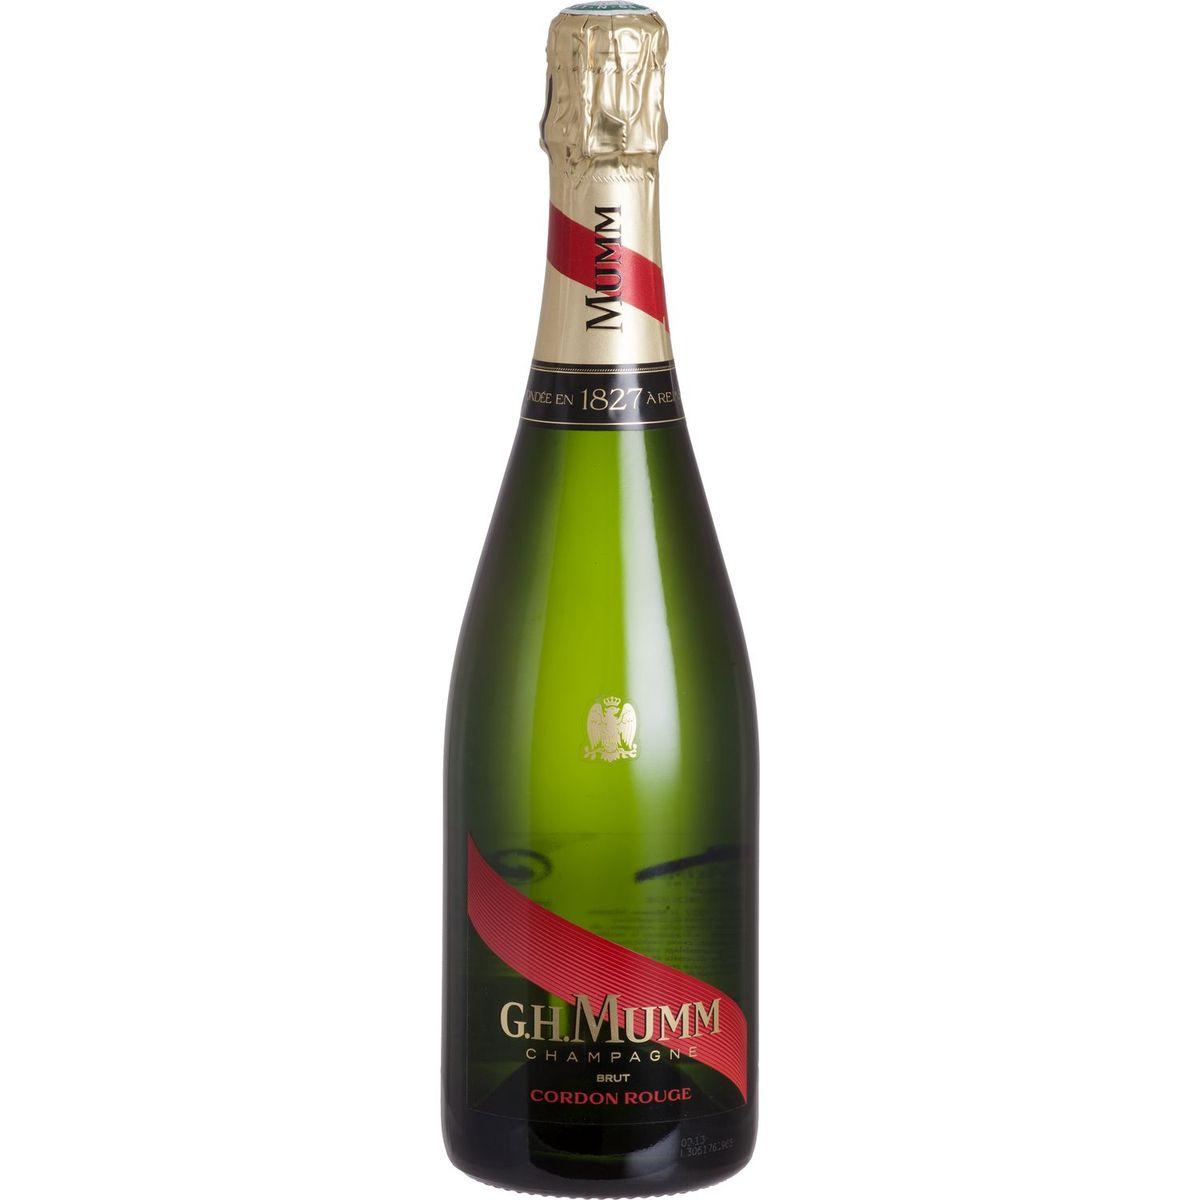 AOP Champagne brut Cordon rouge